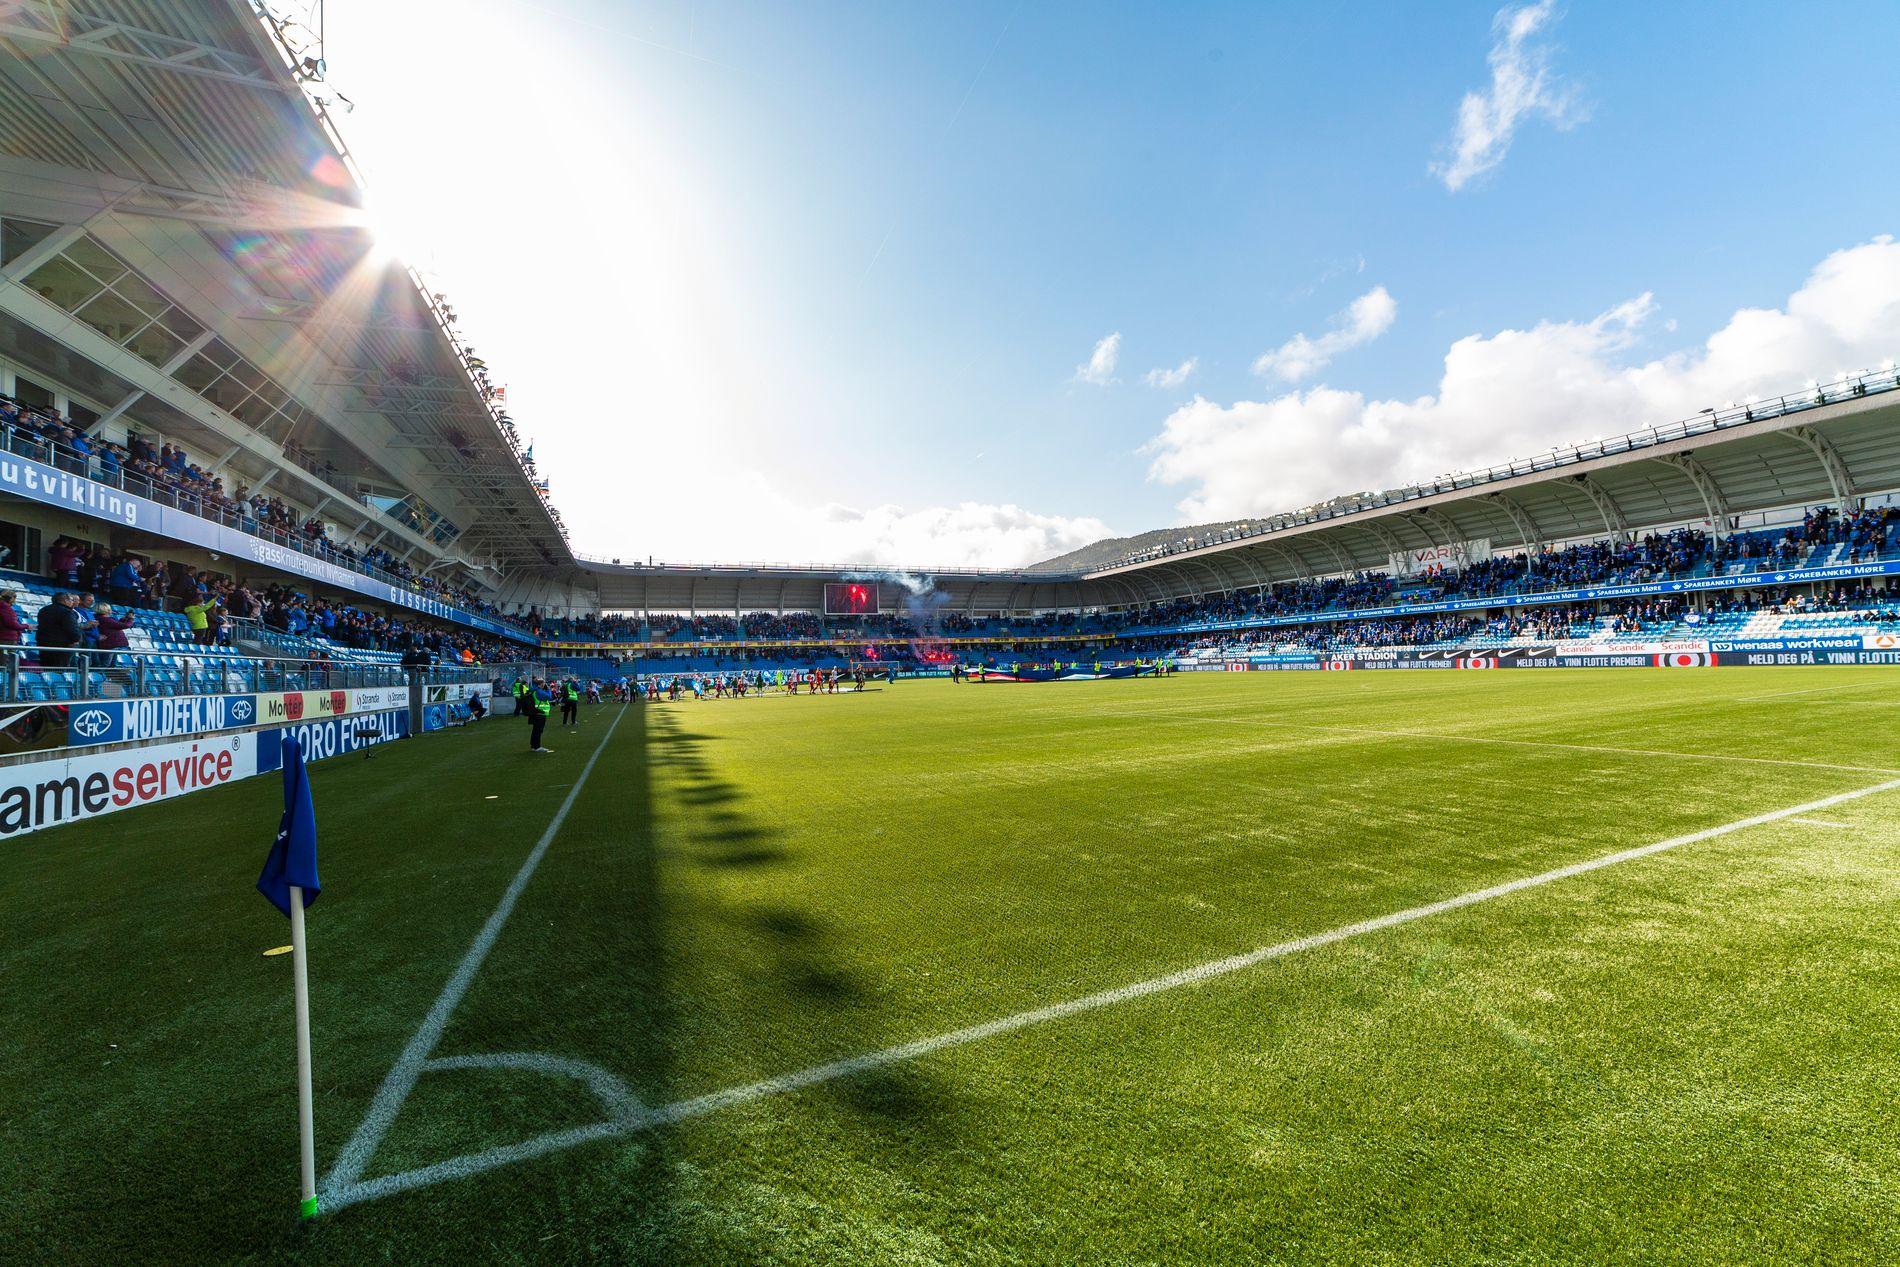 AKER STADION: Molde FK har bestemt seg for at den voldtektstiltalte spilleren fortsatt skal være tilgjengelig for spill.